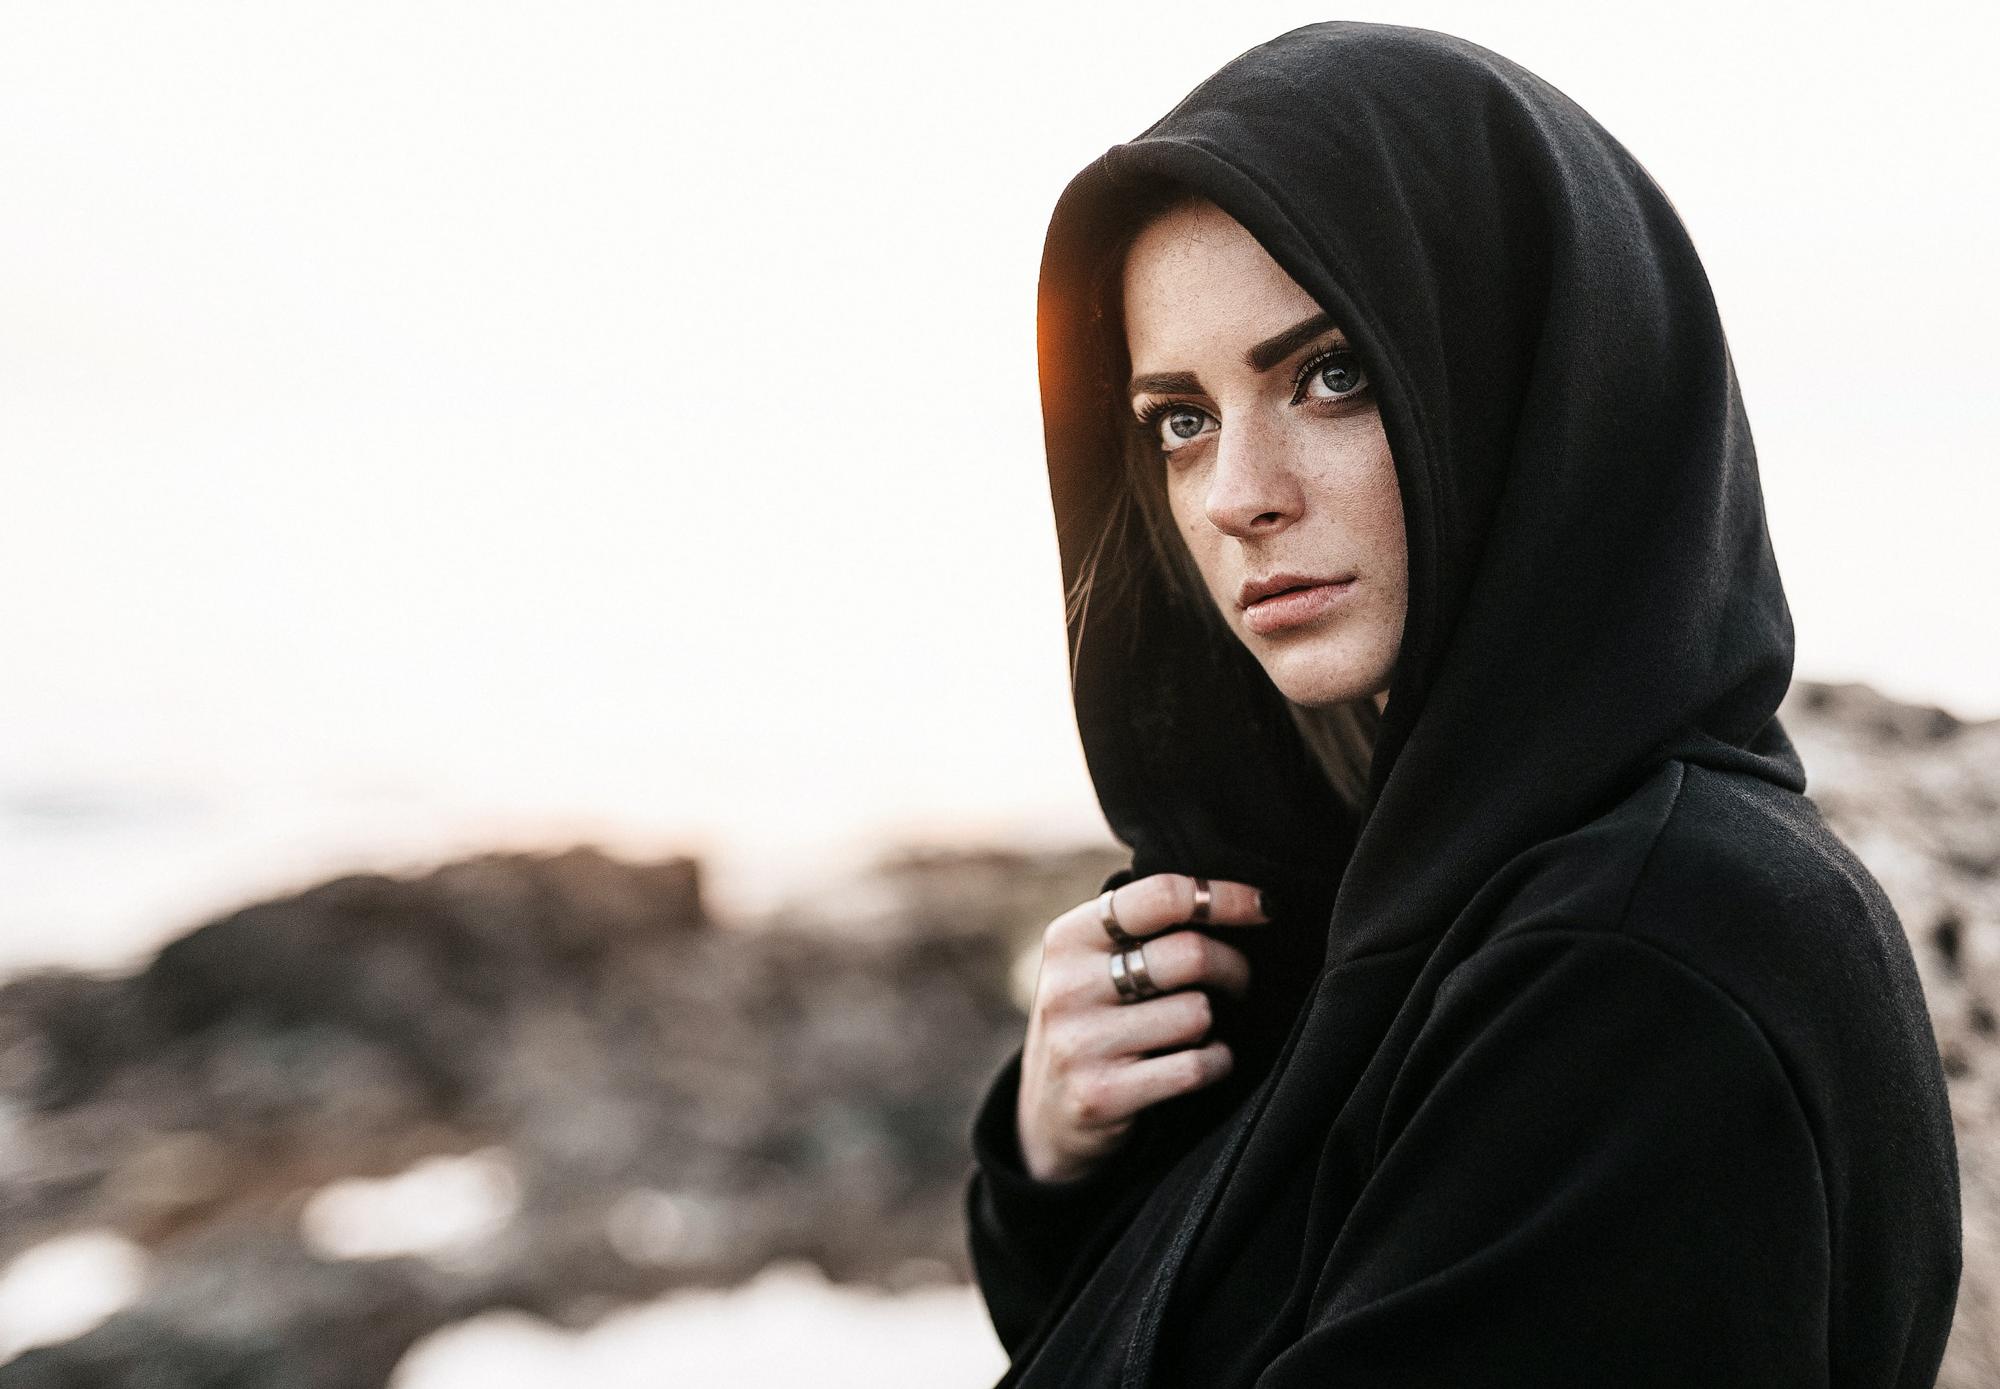 Самарянката - искреност и смелост